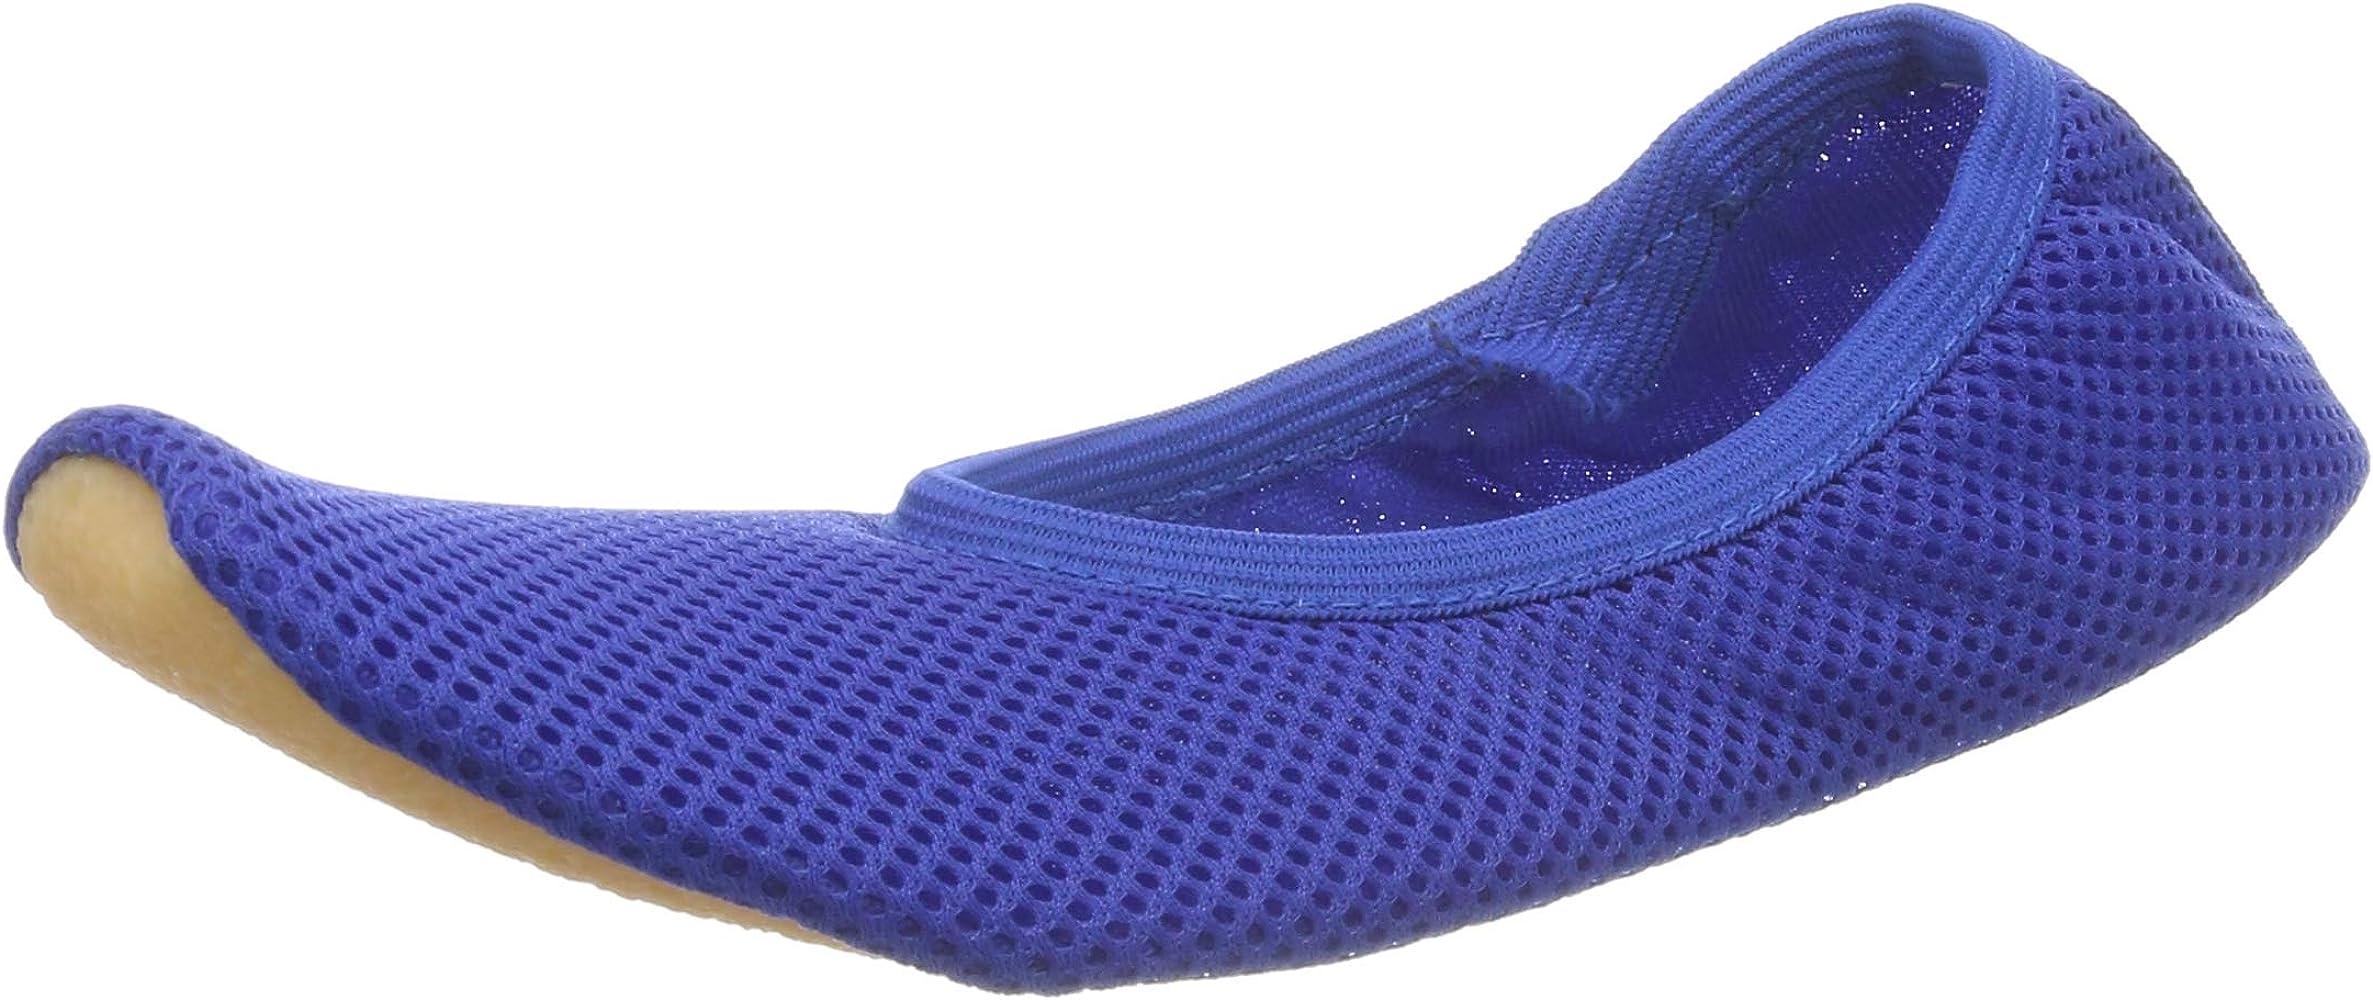 Beck gymnastique chaussures 23 24 25 26 27 28 29 30 turnschläppchen Football Bleu